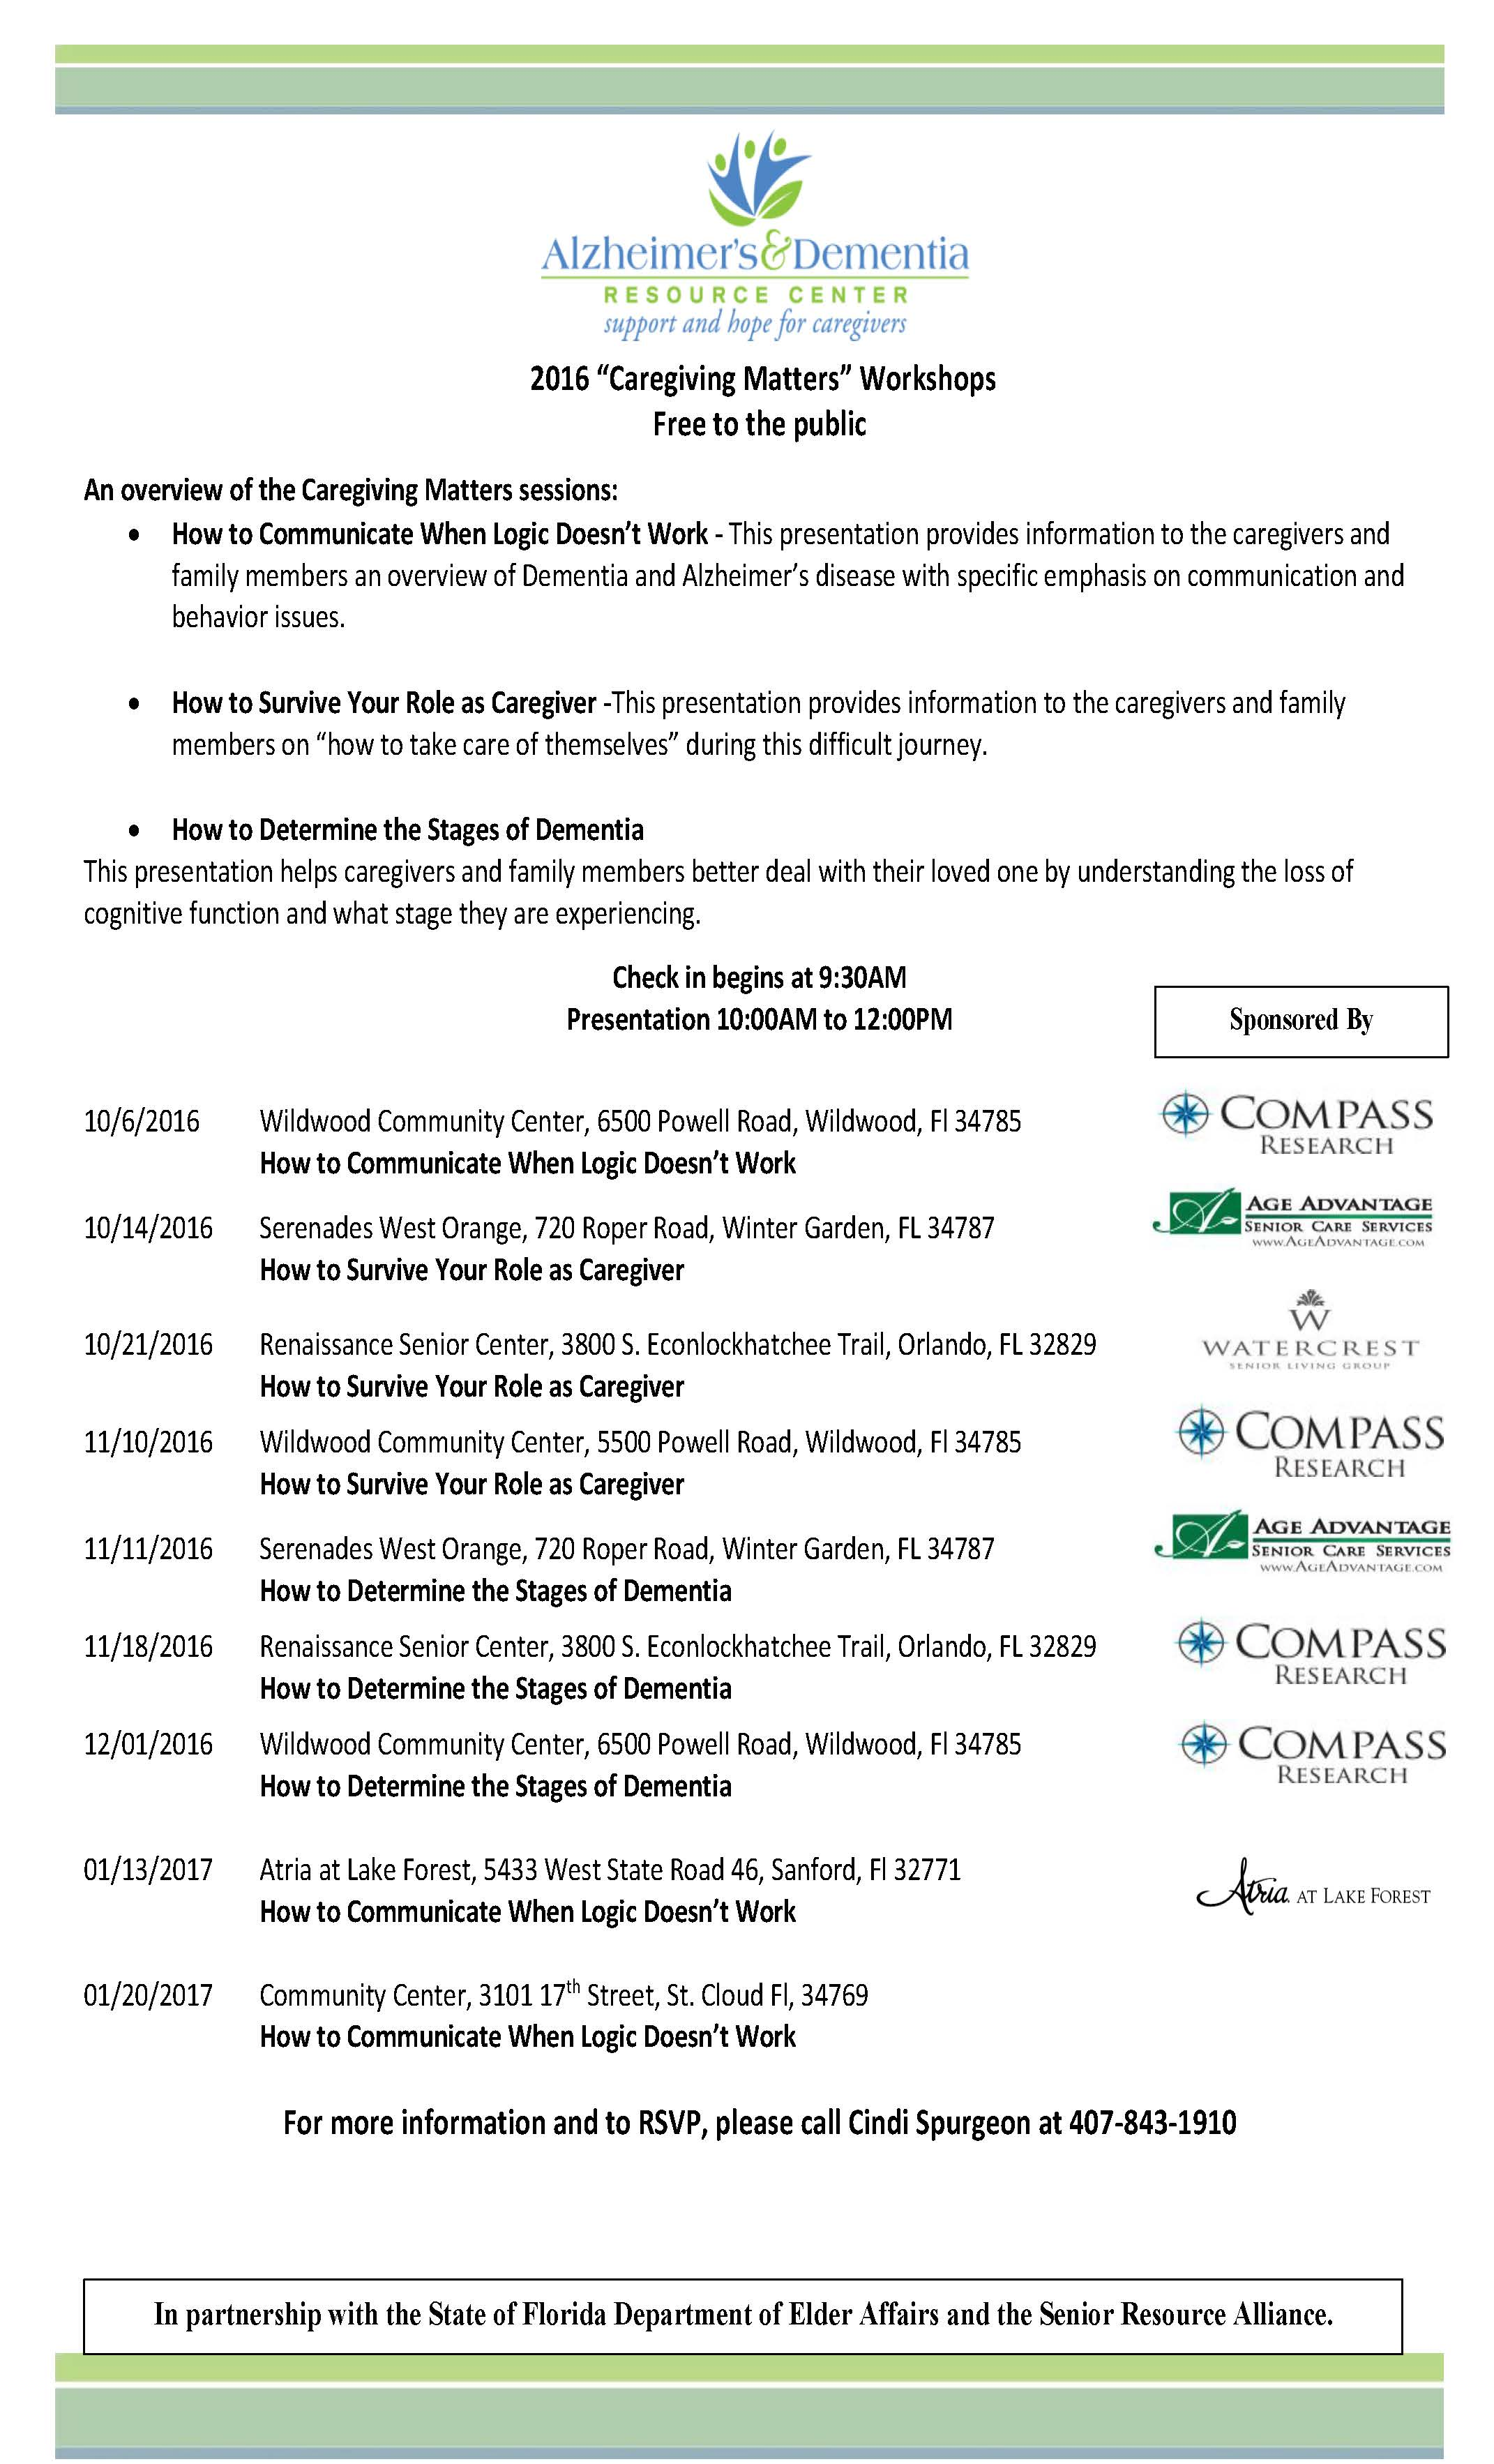 caregiving matters flyers 2016 by date u2013 alzheimer u0027s u0026 dementia